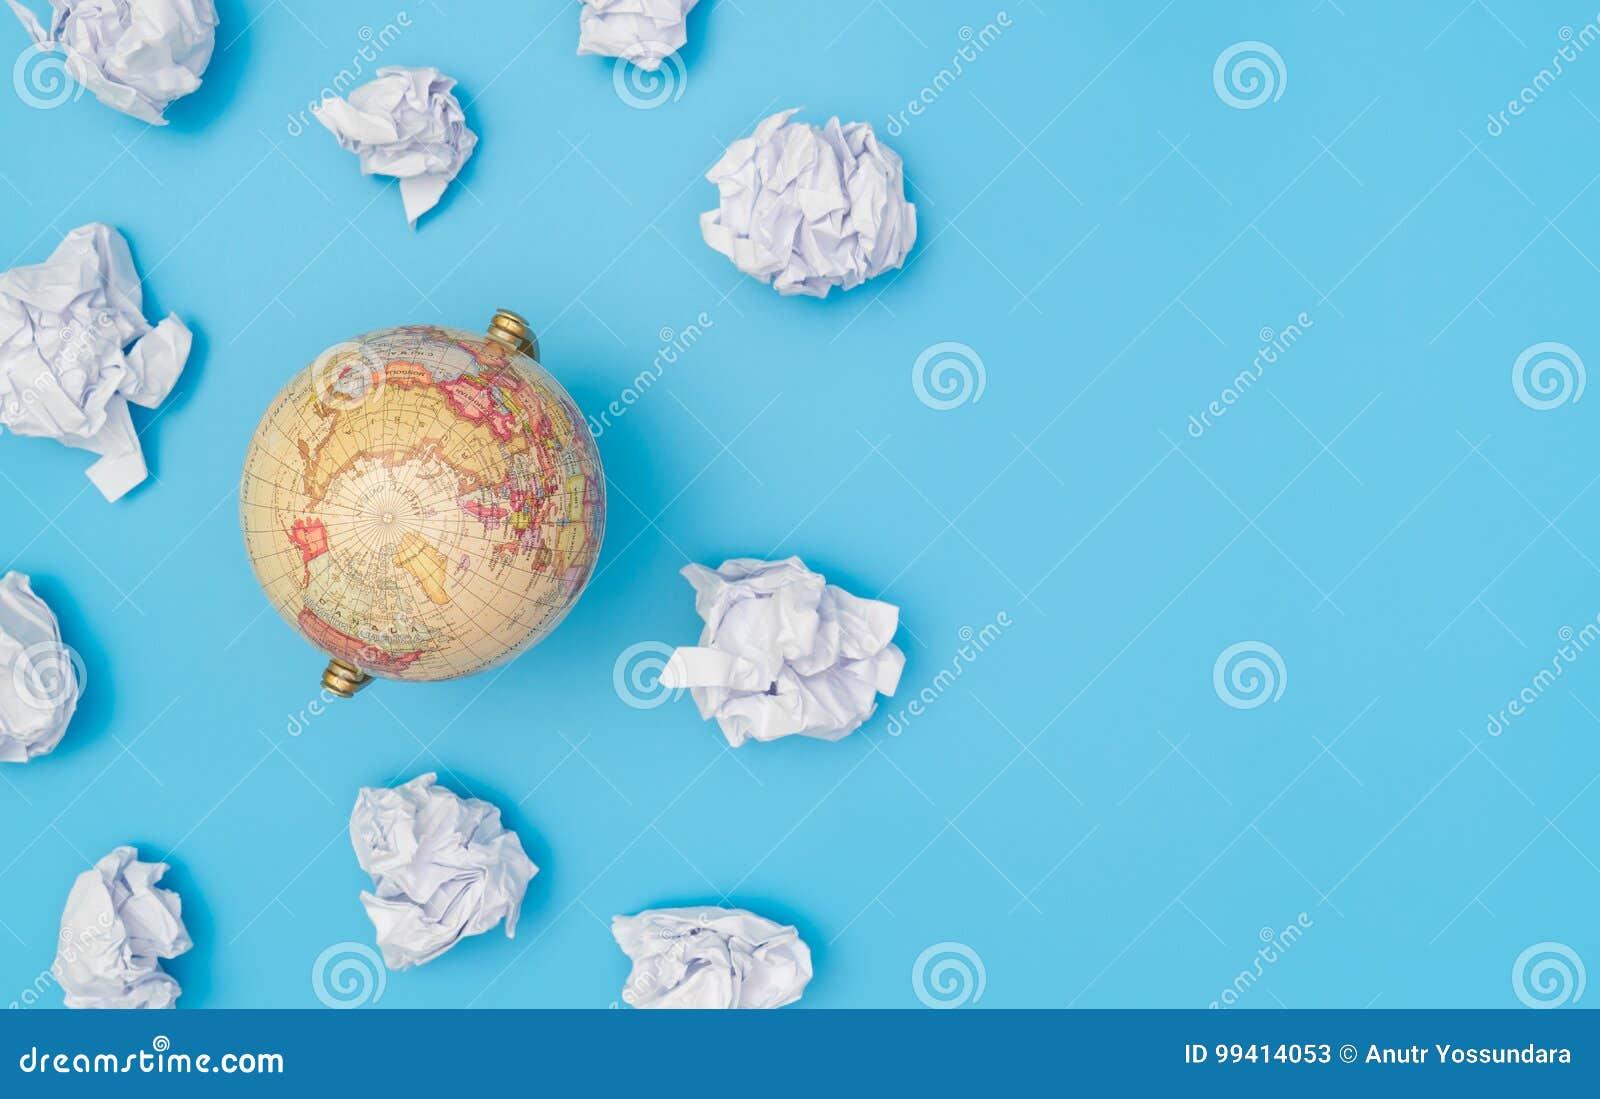 World globe in paper cloud